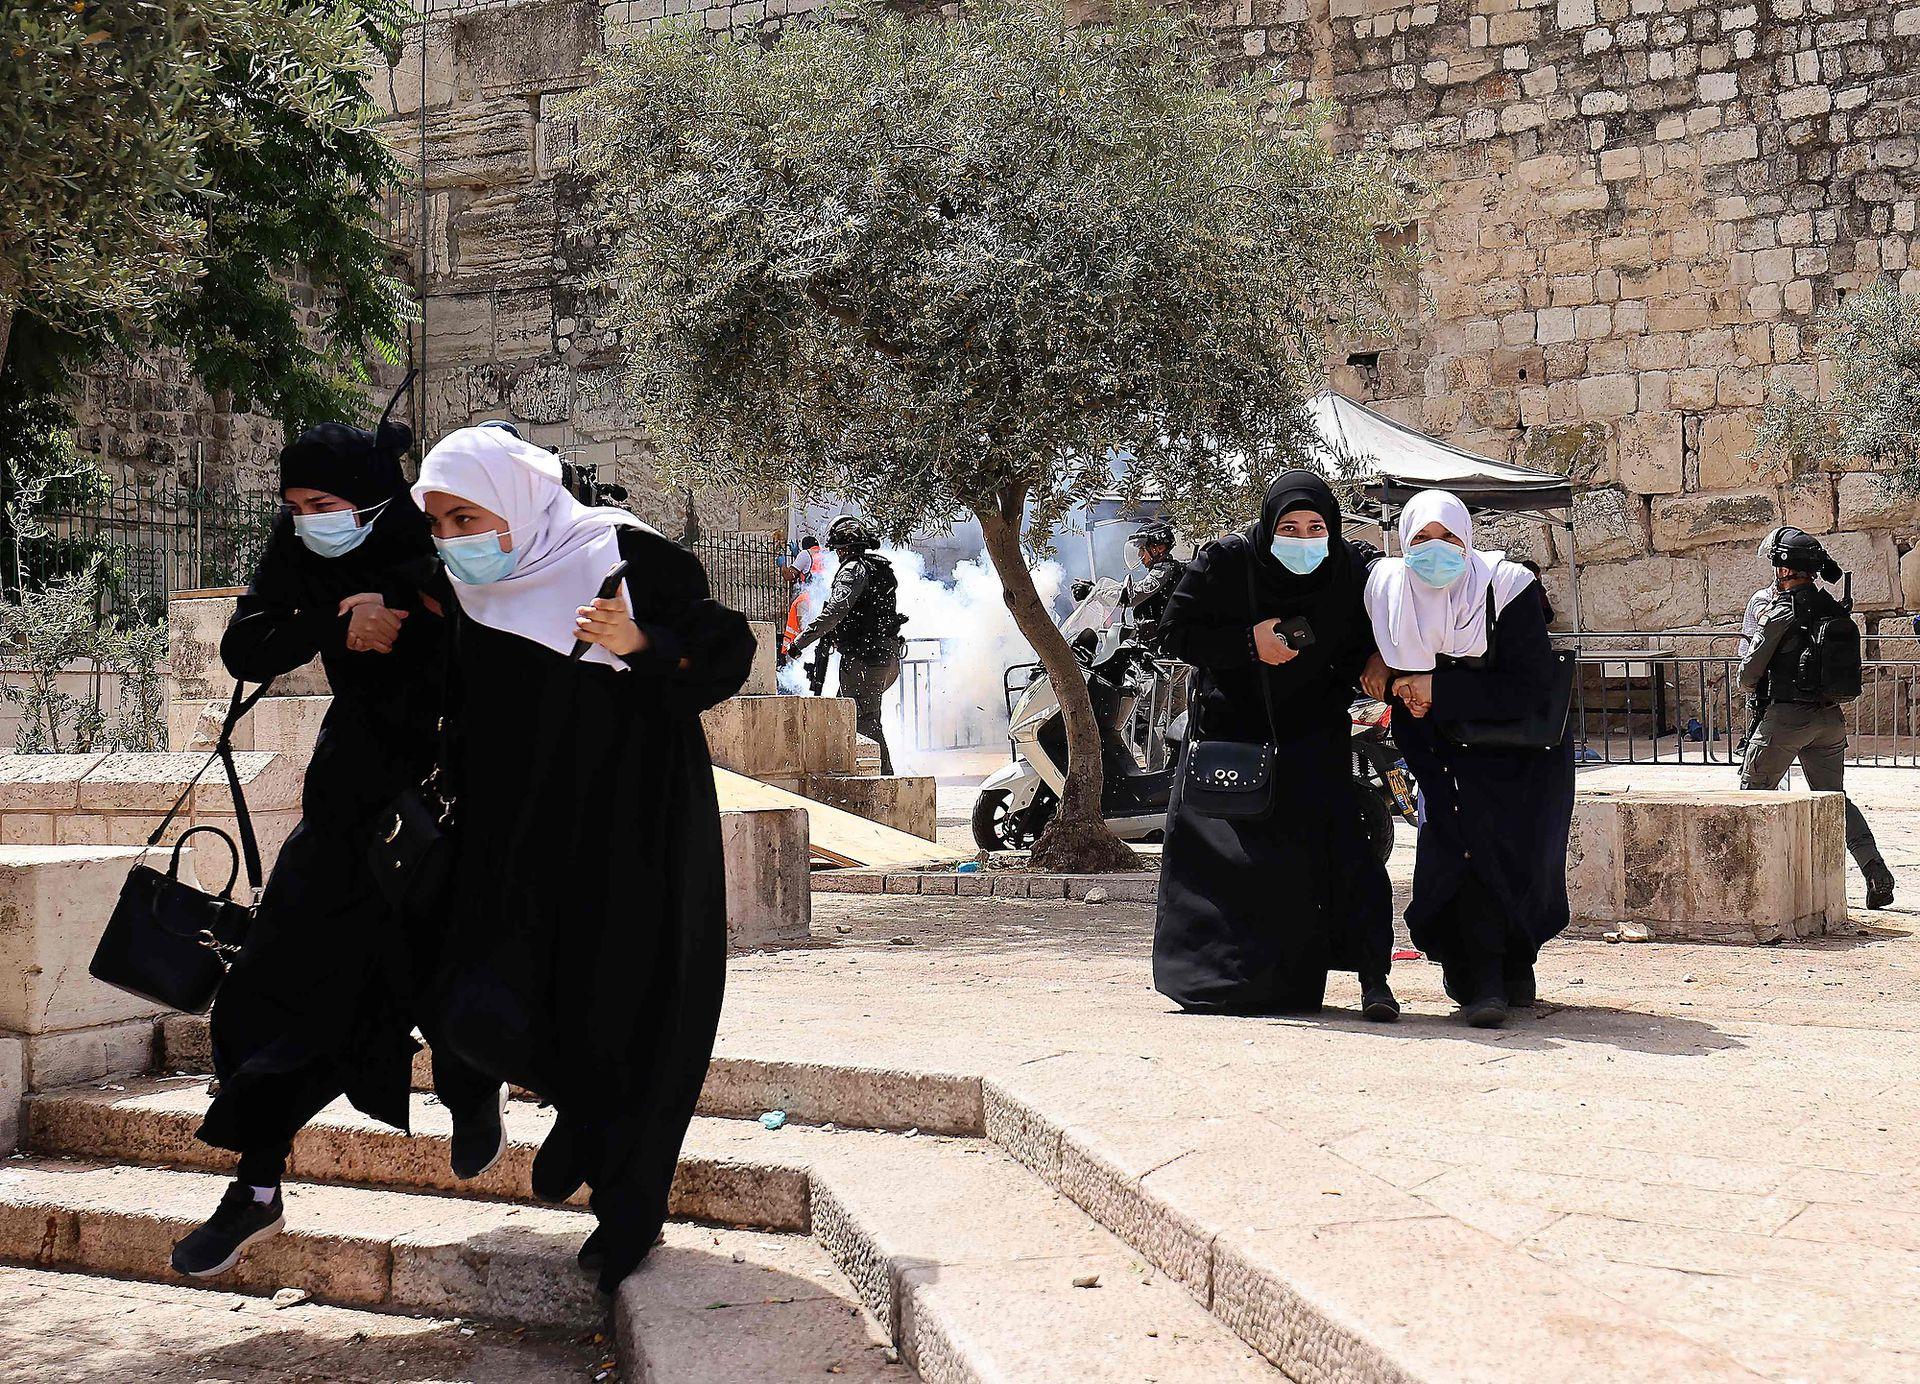 Mujeres palestinas corren a resguardarse de gas lacrimógeno lanzado por fuerzas de seguridad israelíes en la Ciudad Vieja de Jerusalén, el 10 de mayo de 2021